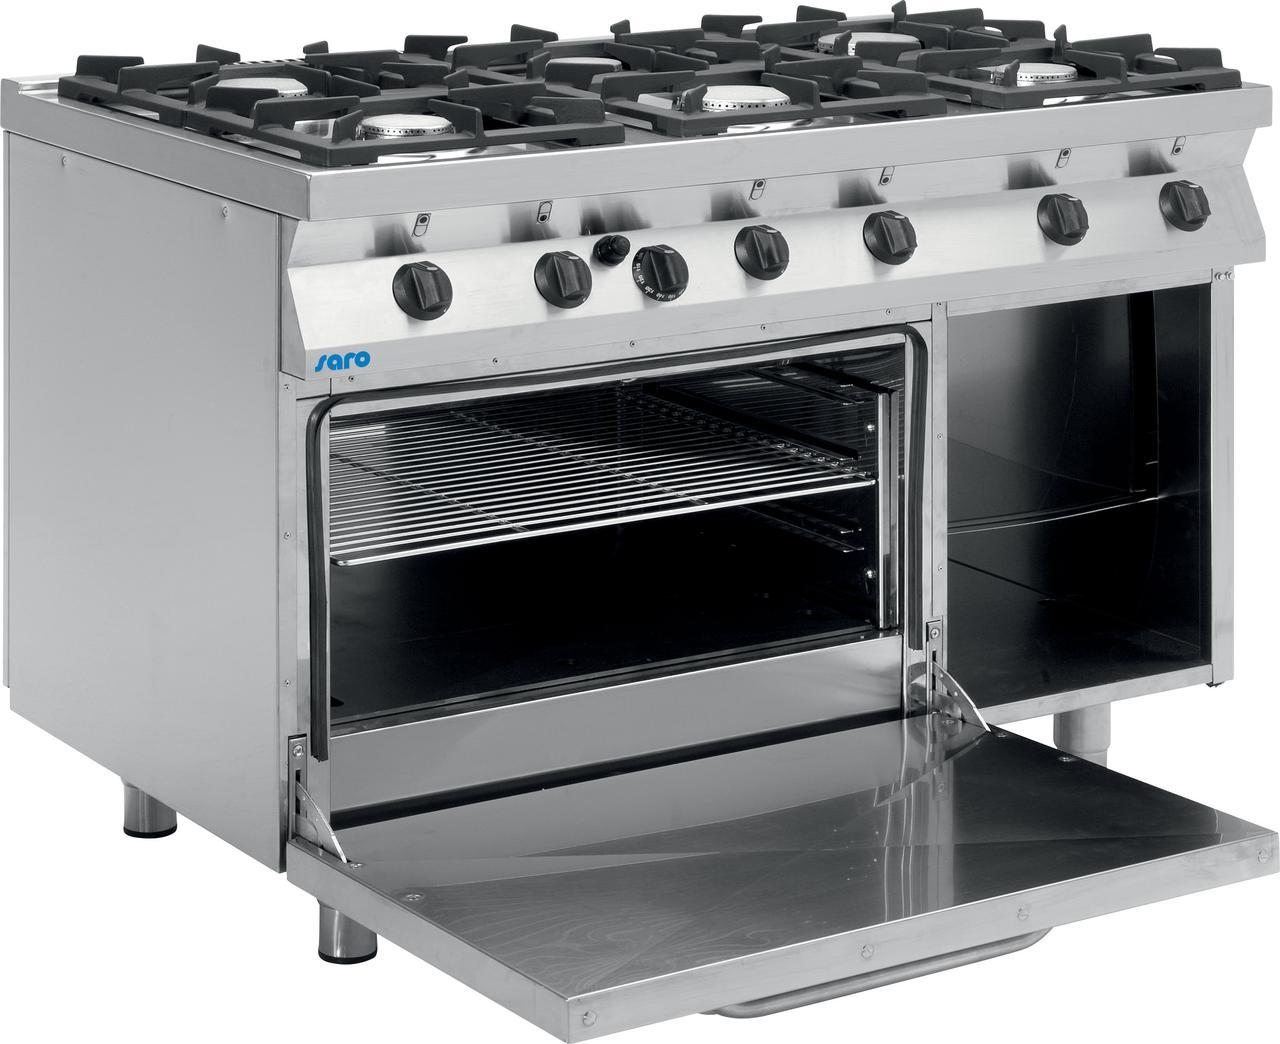 Газовая плита с газовой духовкой F7 / KUG6LE Saro